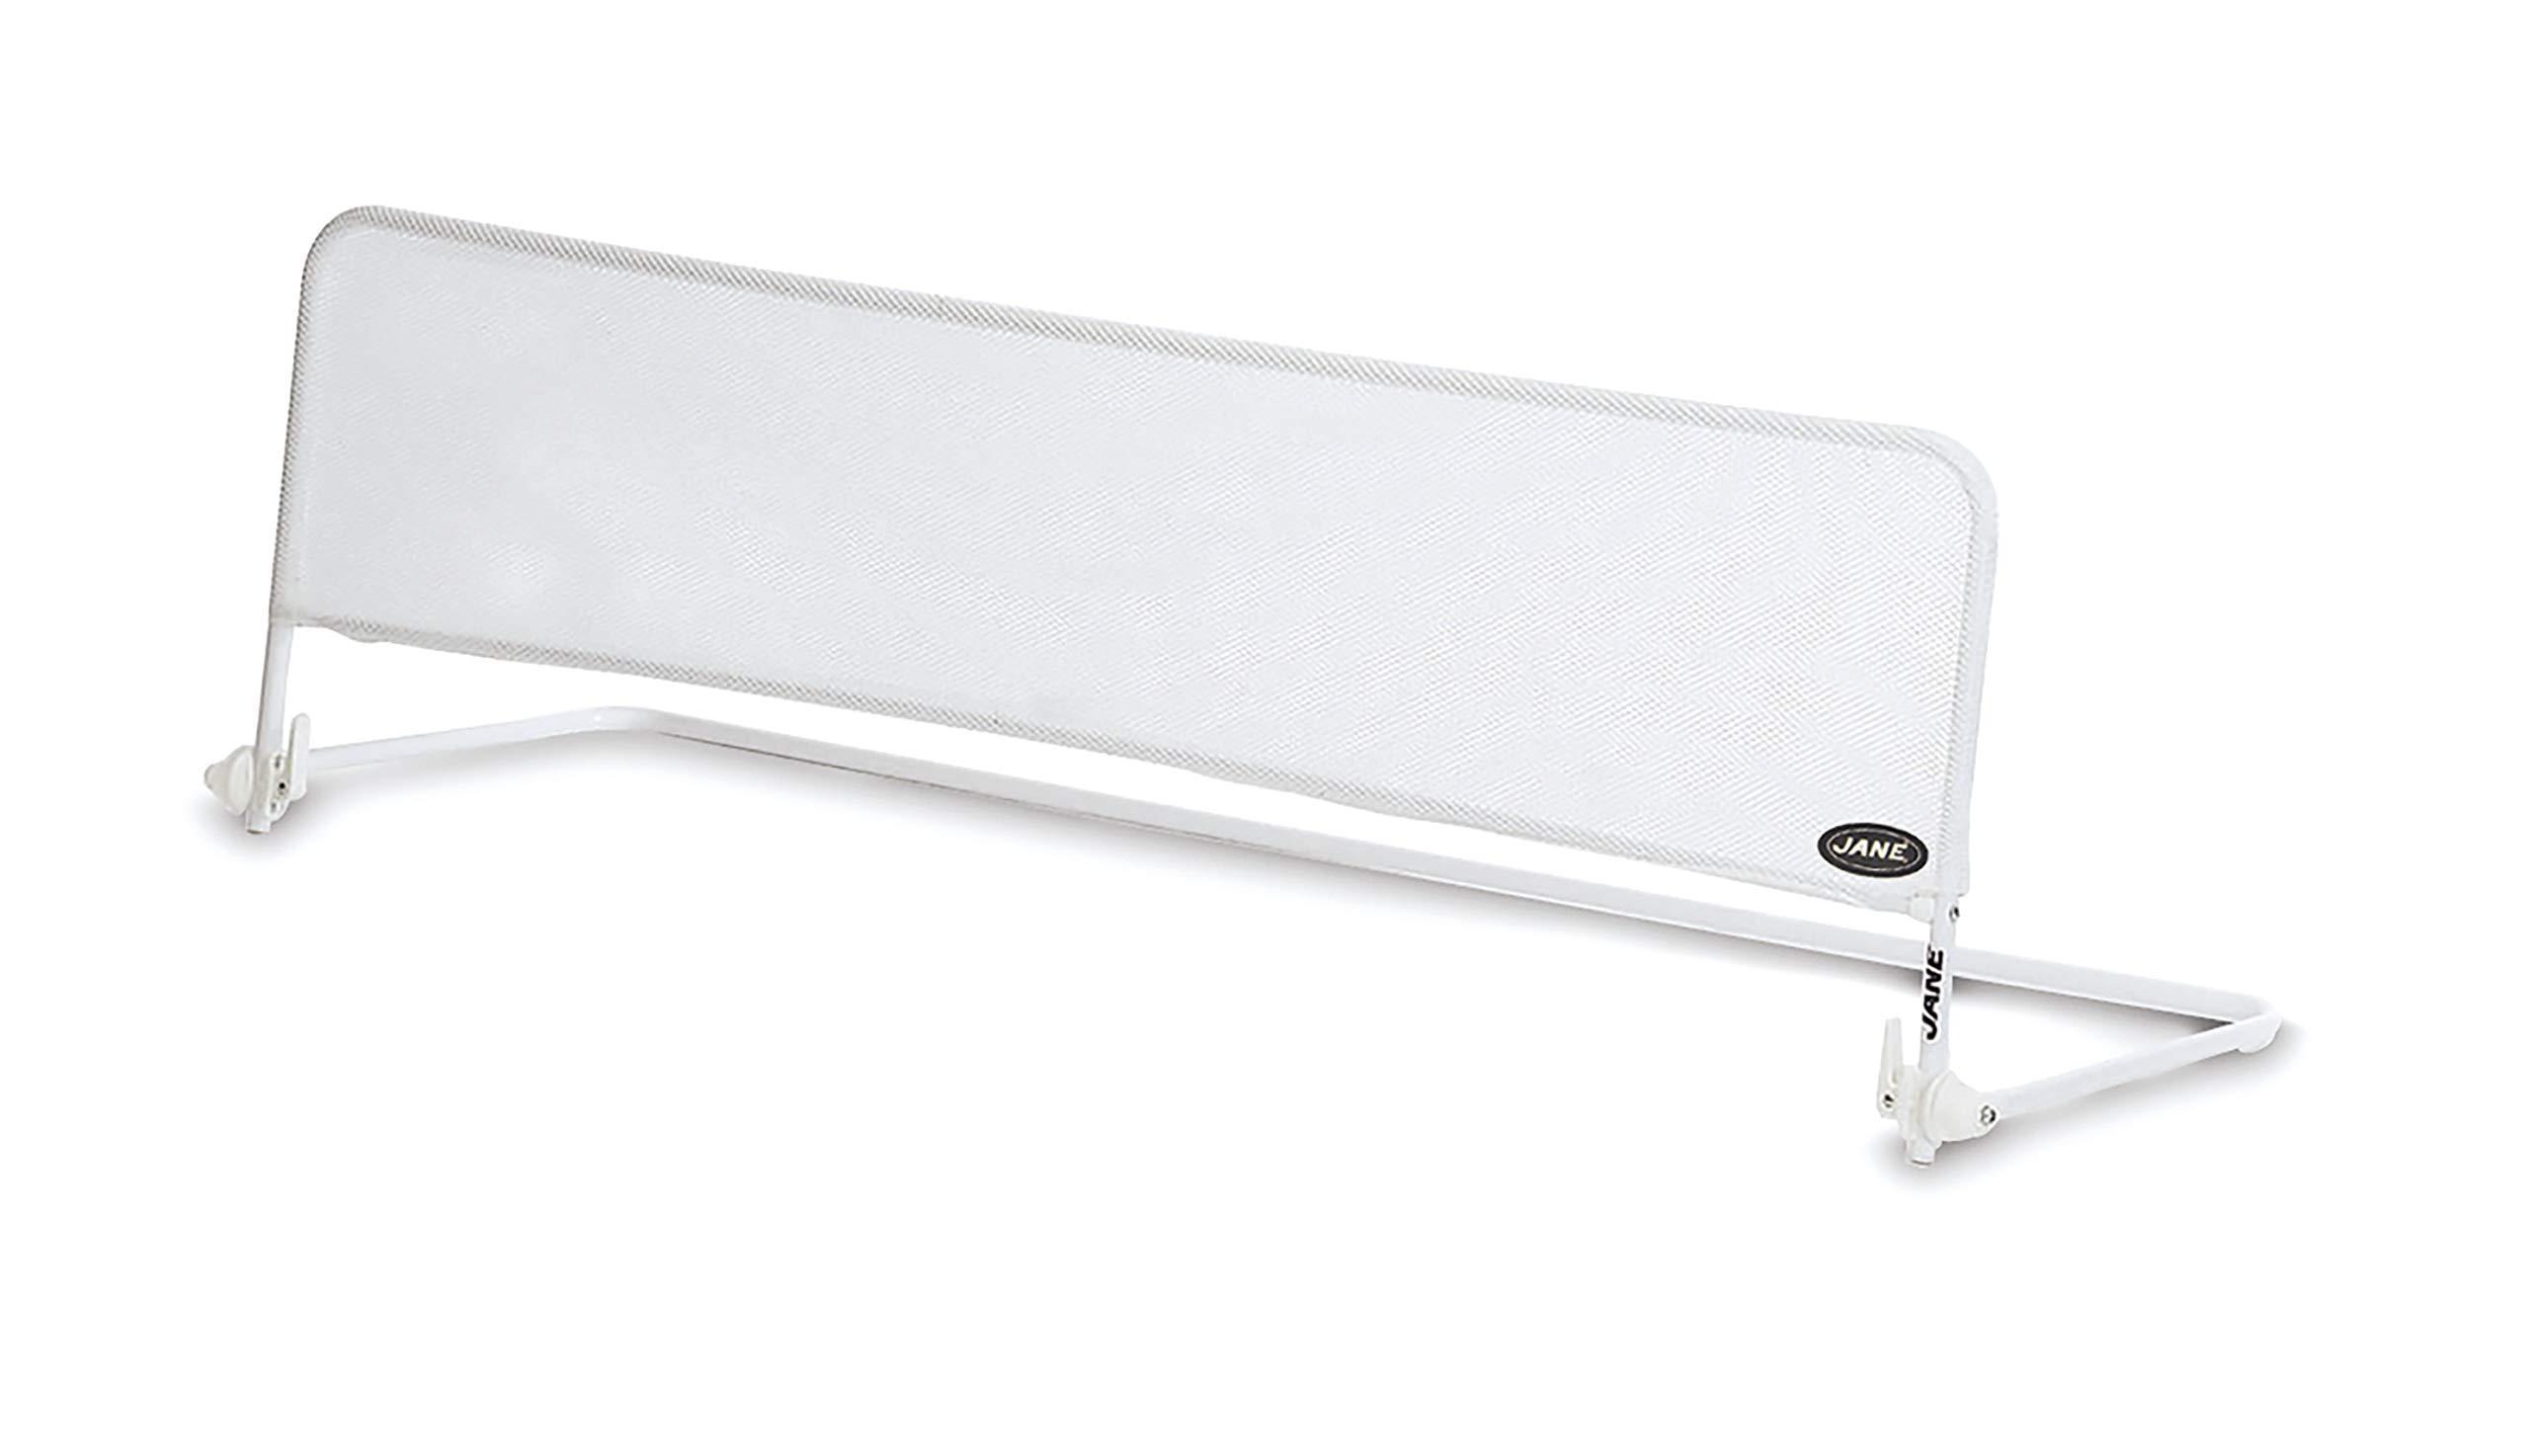 Jané – Barrera cama abatible, 140 cm